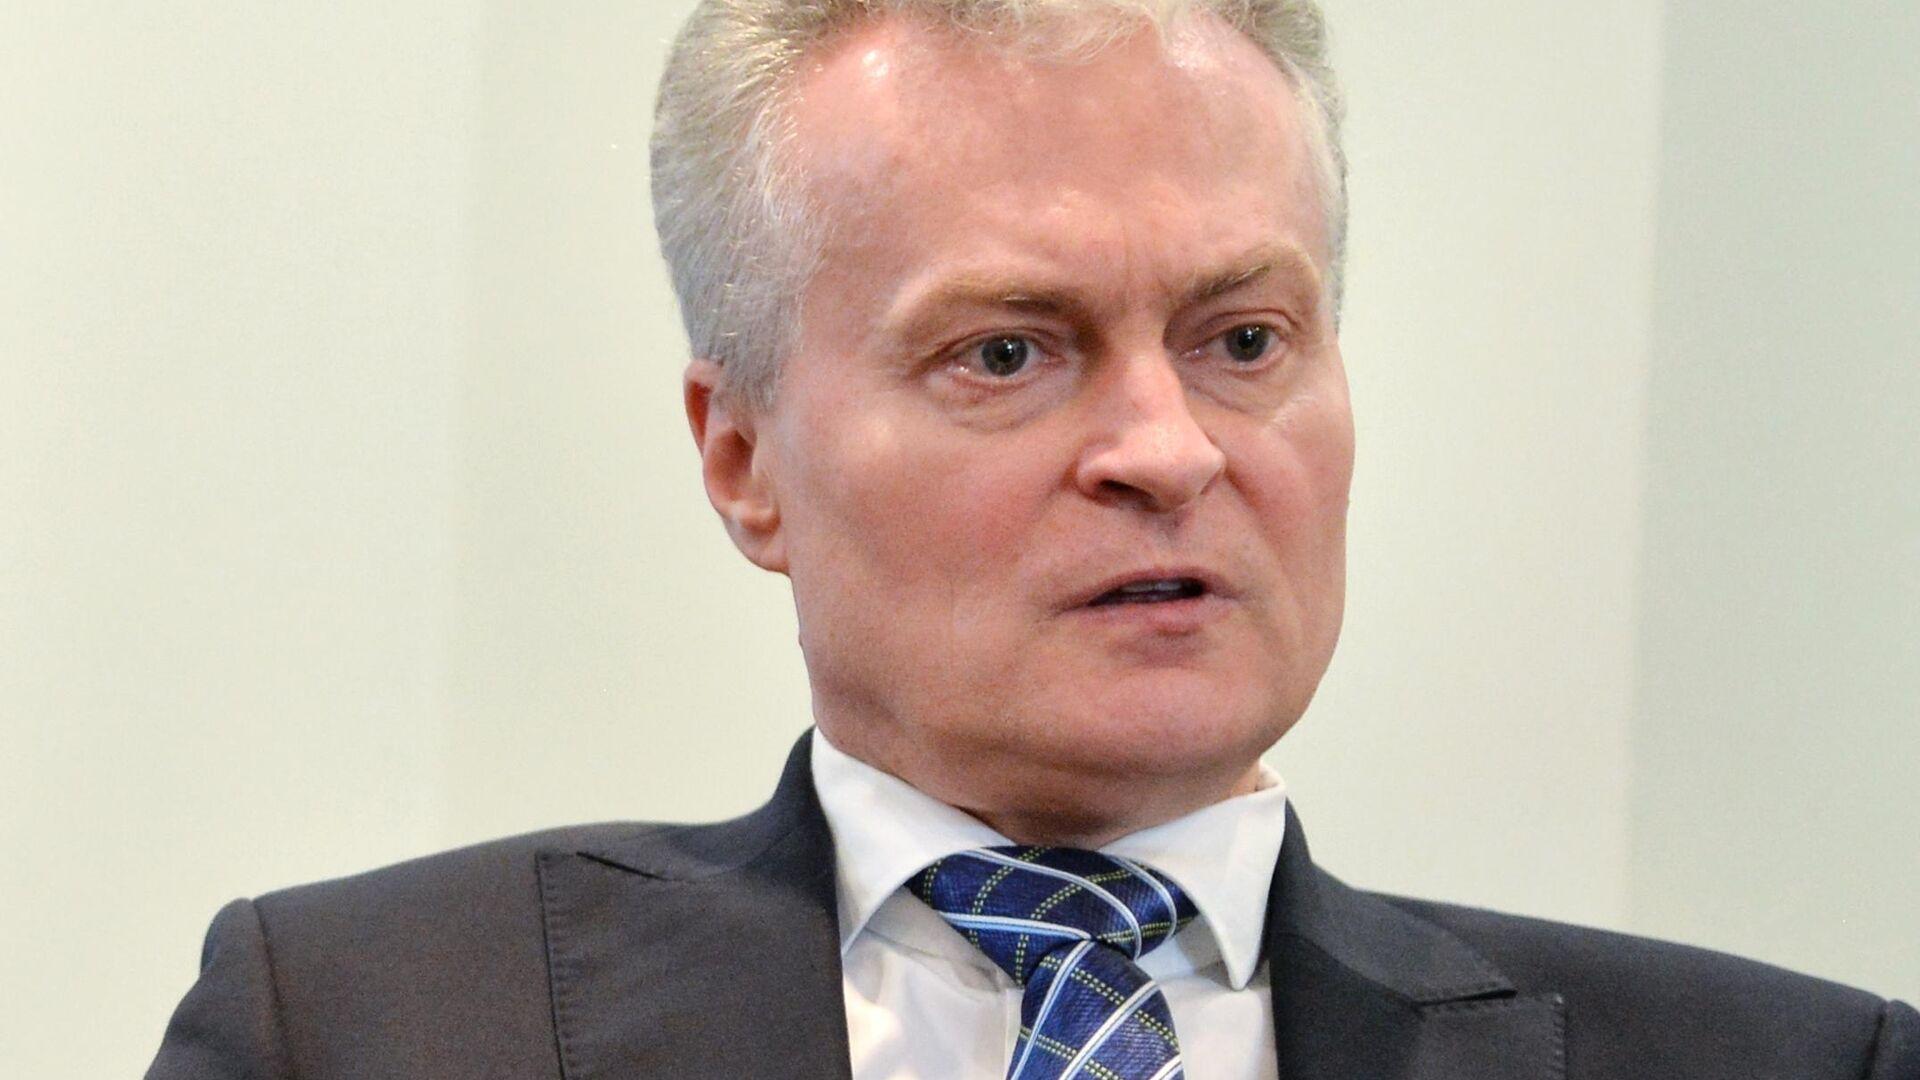 Кандидат в президенты Литвы, экономист Гитанас Науседа в своём избирательном штабе  - РИА Новости, 1920, 03.02.2021